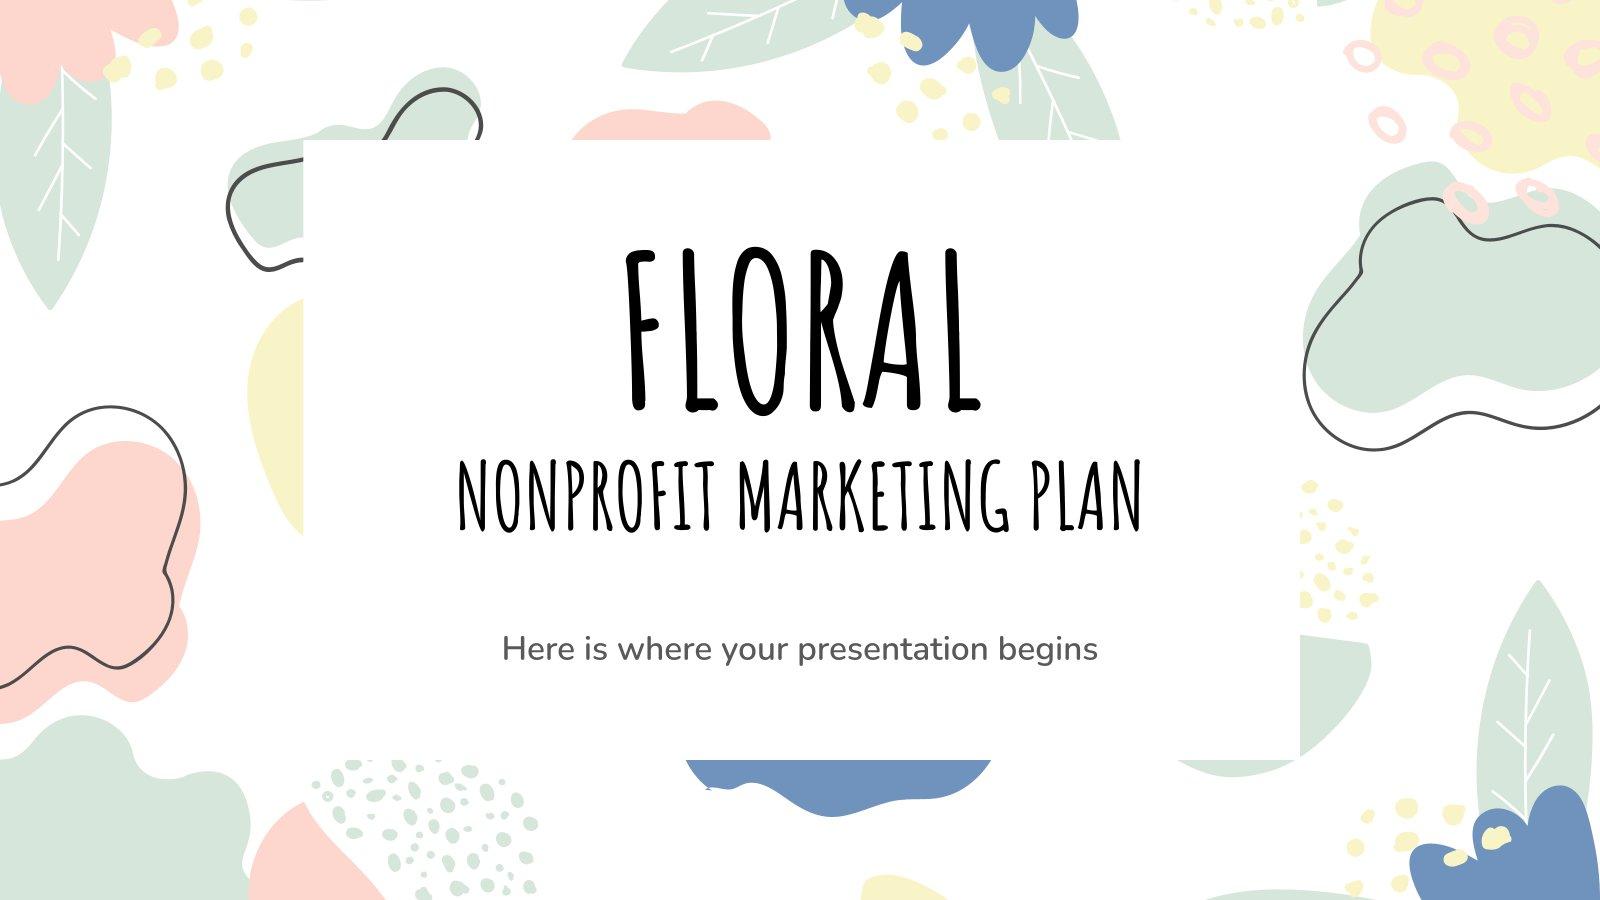 Modelo de apresentação Plano de marketing floral para ONGs